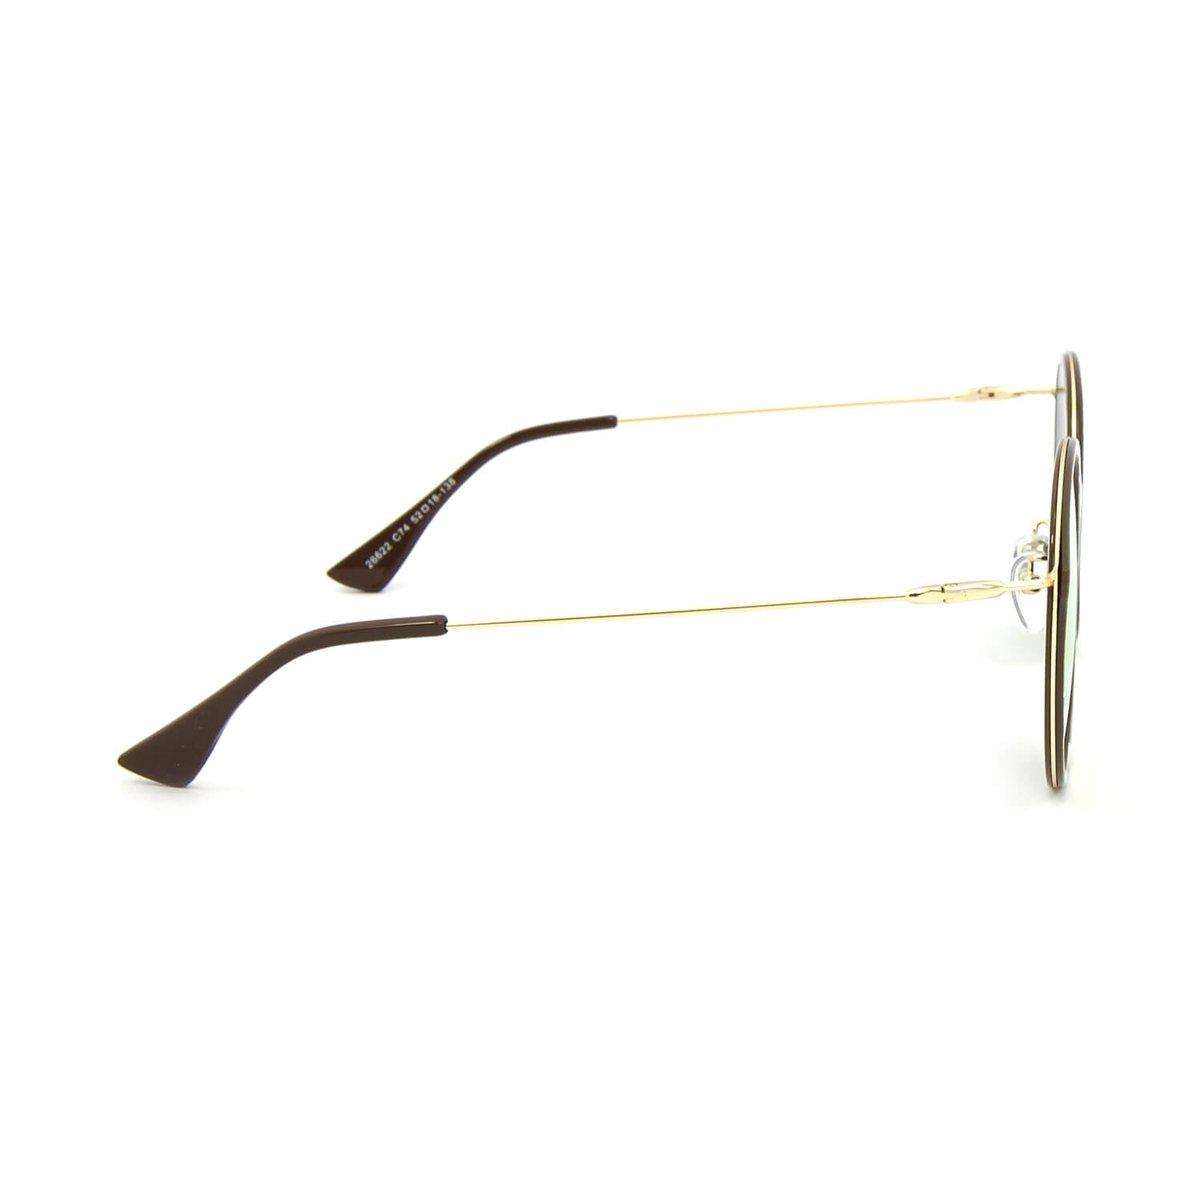 a8e0f21c12d79 Óculos de Sol Marmorizado Redondo Lente Espelhada - Rosa - Compre ...